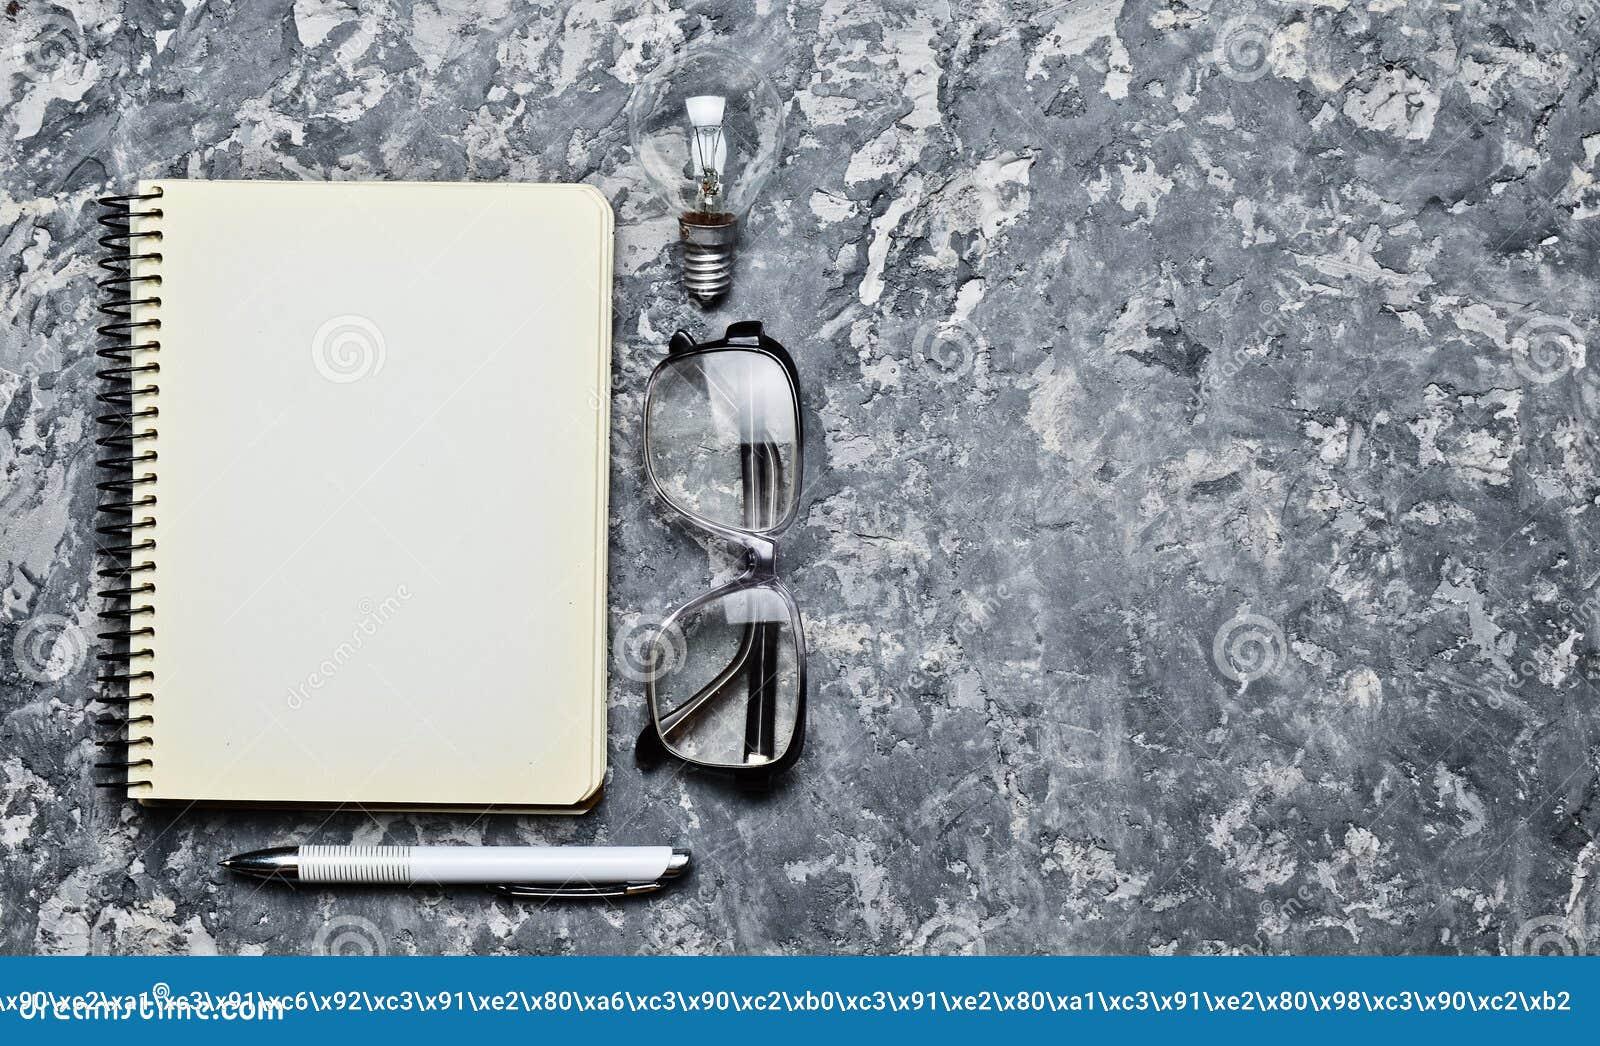 Ο δημιουργικός χώρος εργασίας του συγγραφέα είναι ενθαρρυντικός για να δημιουργήσει έχετε την ιδέα ι Σημειωματάριο, μάνδρα, πυρακ